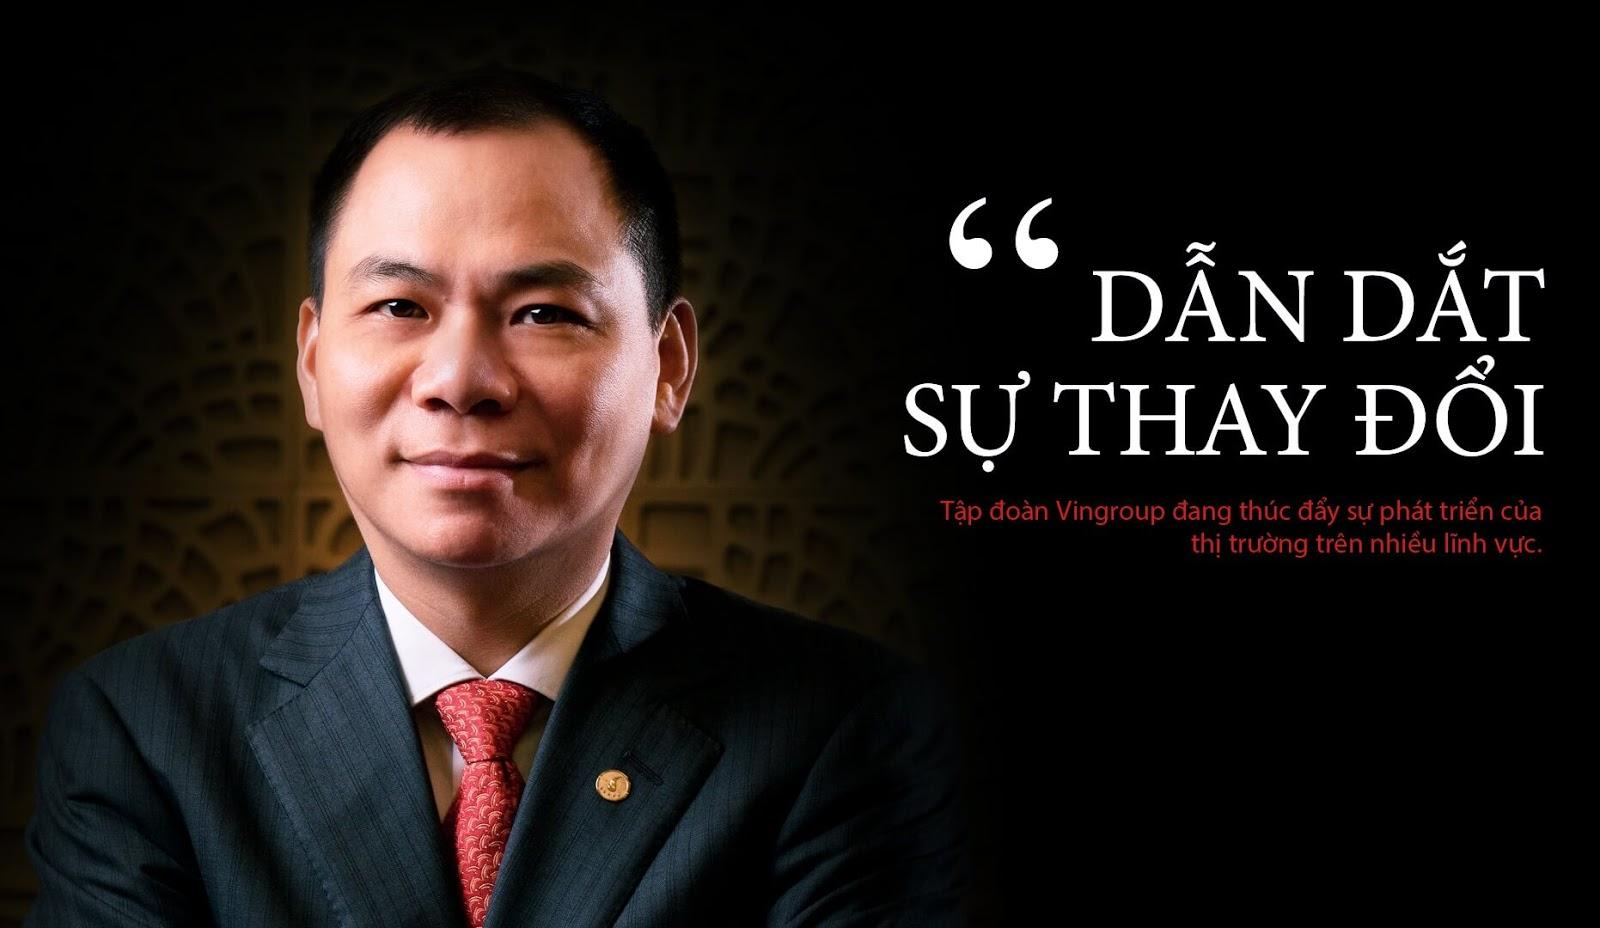 Vingroup tập đoàn kinh tế tư nhân hàng đầu Việt Nam